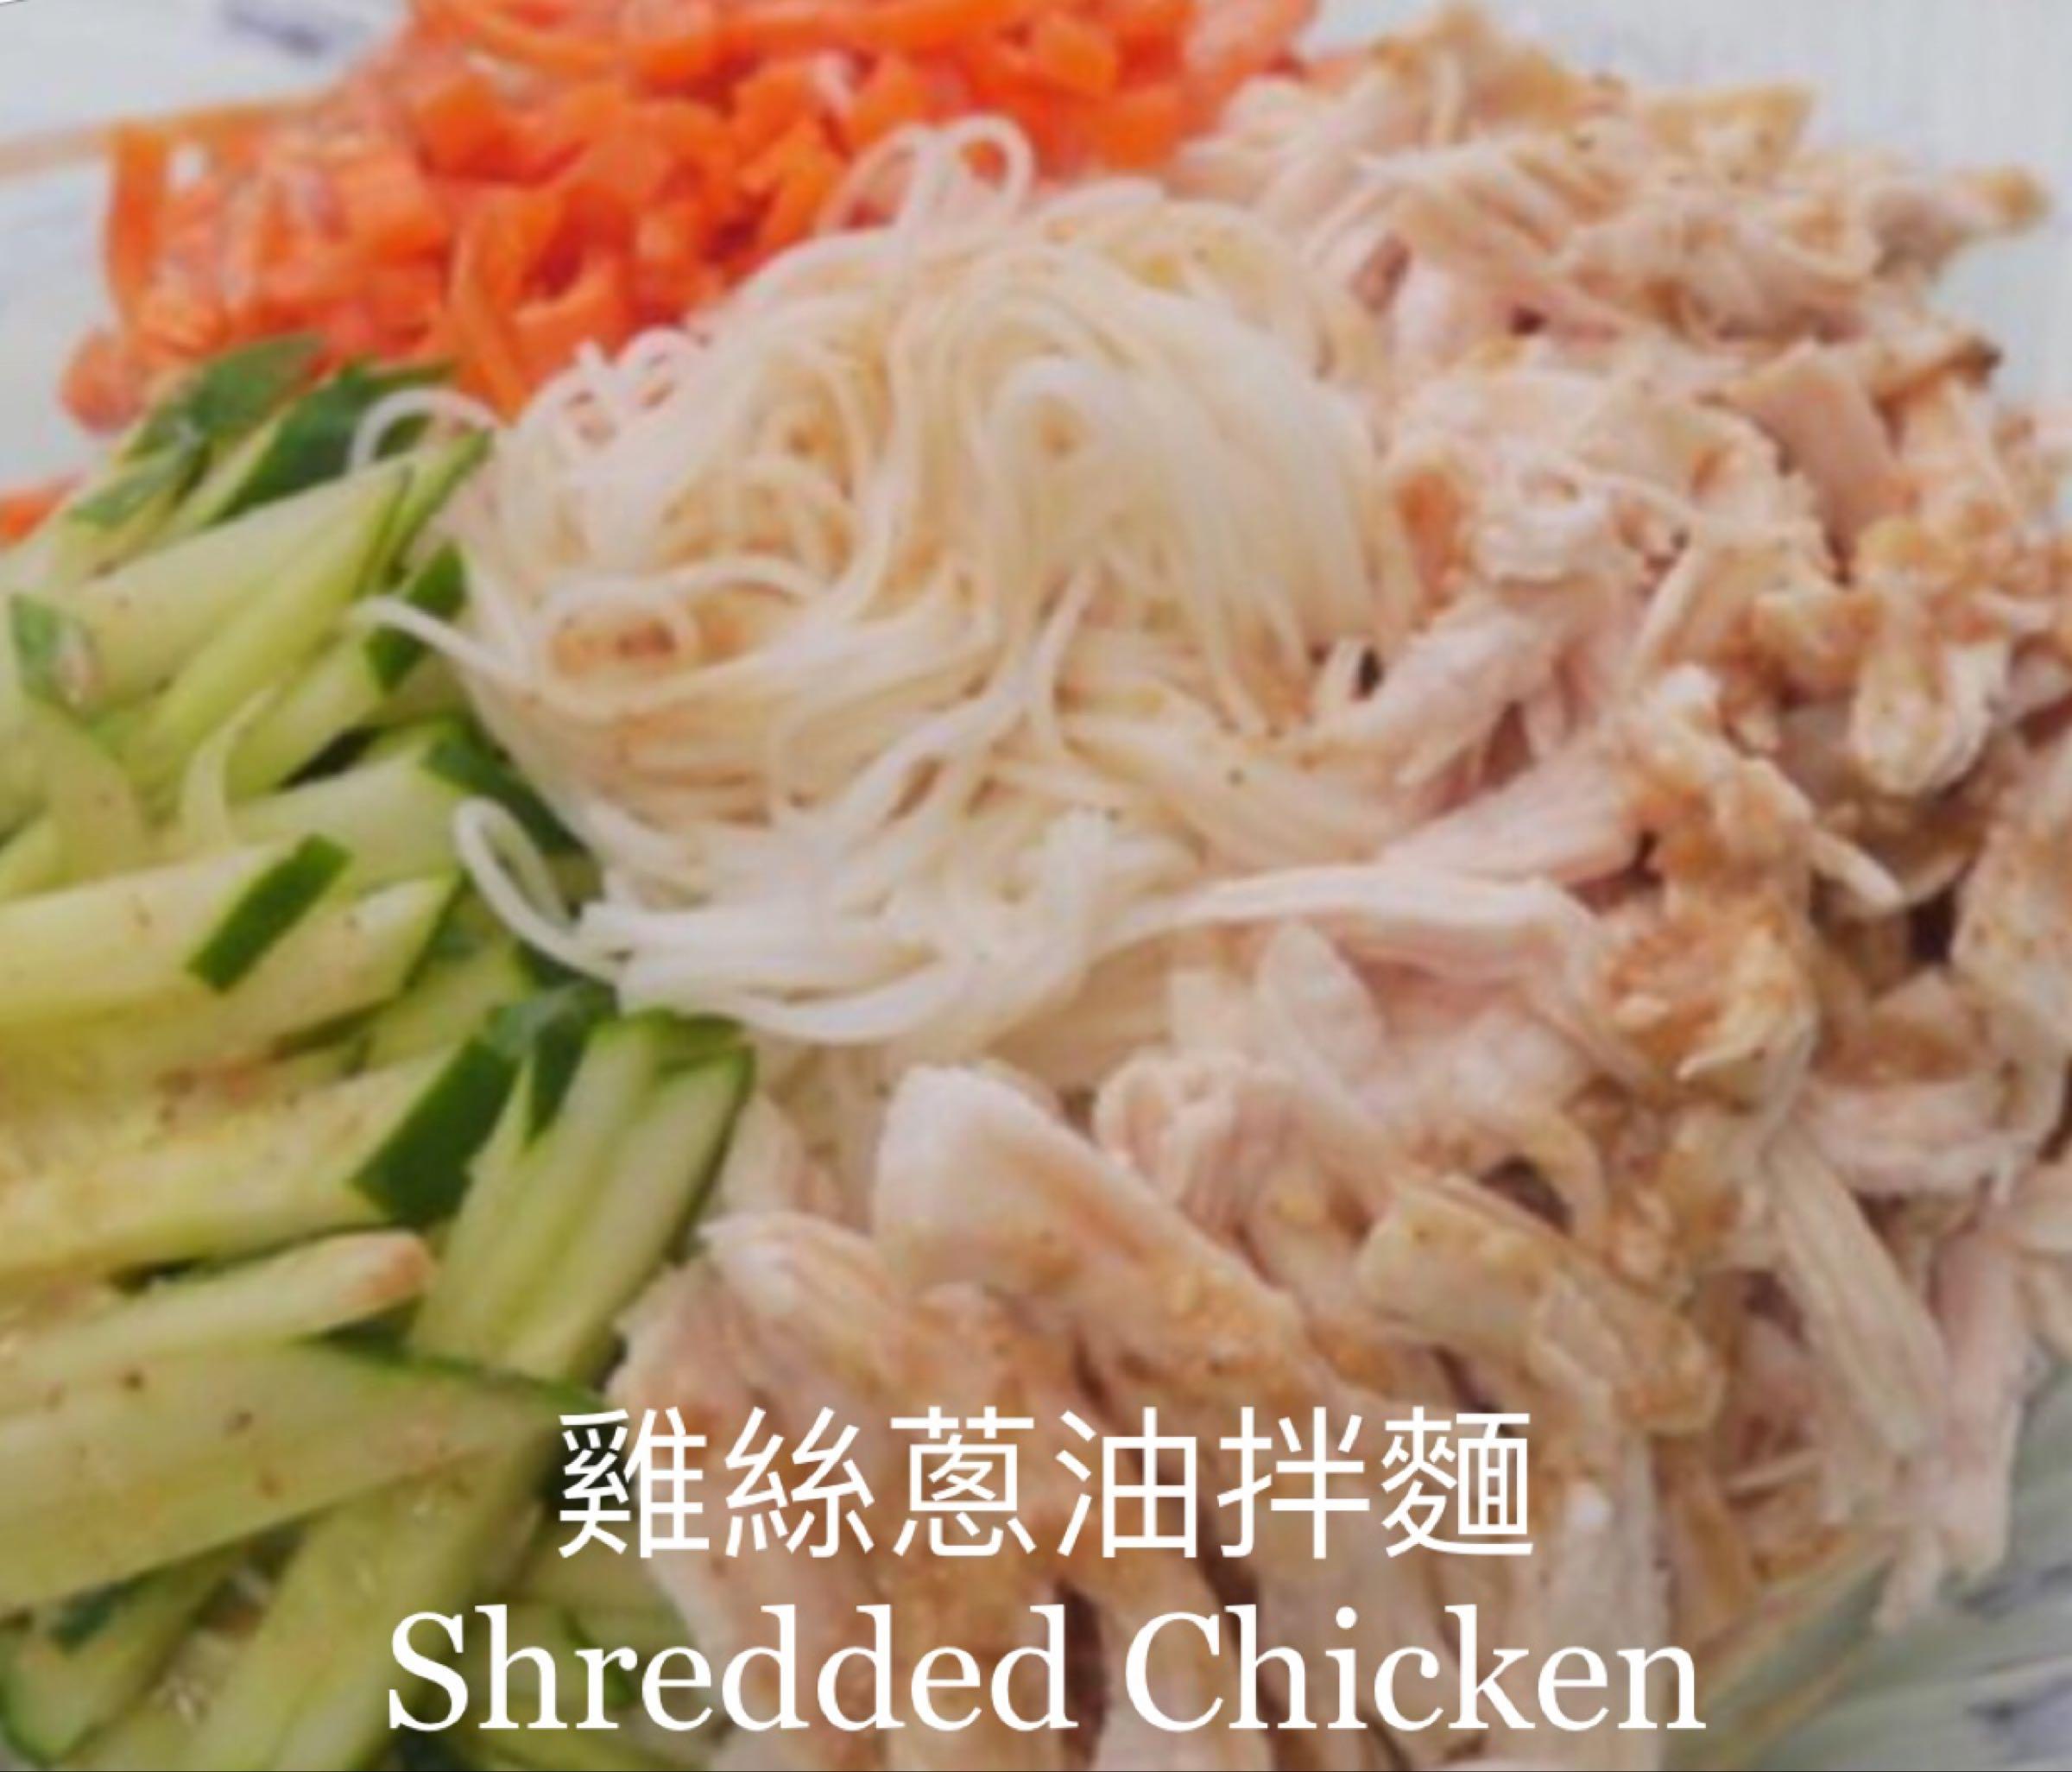 雞絲葱油麵 Shredded Chicken Scallion Noodle (peanut sauce)